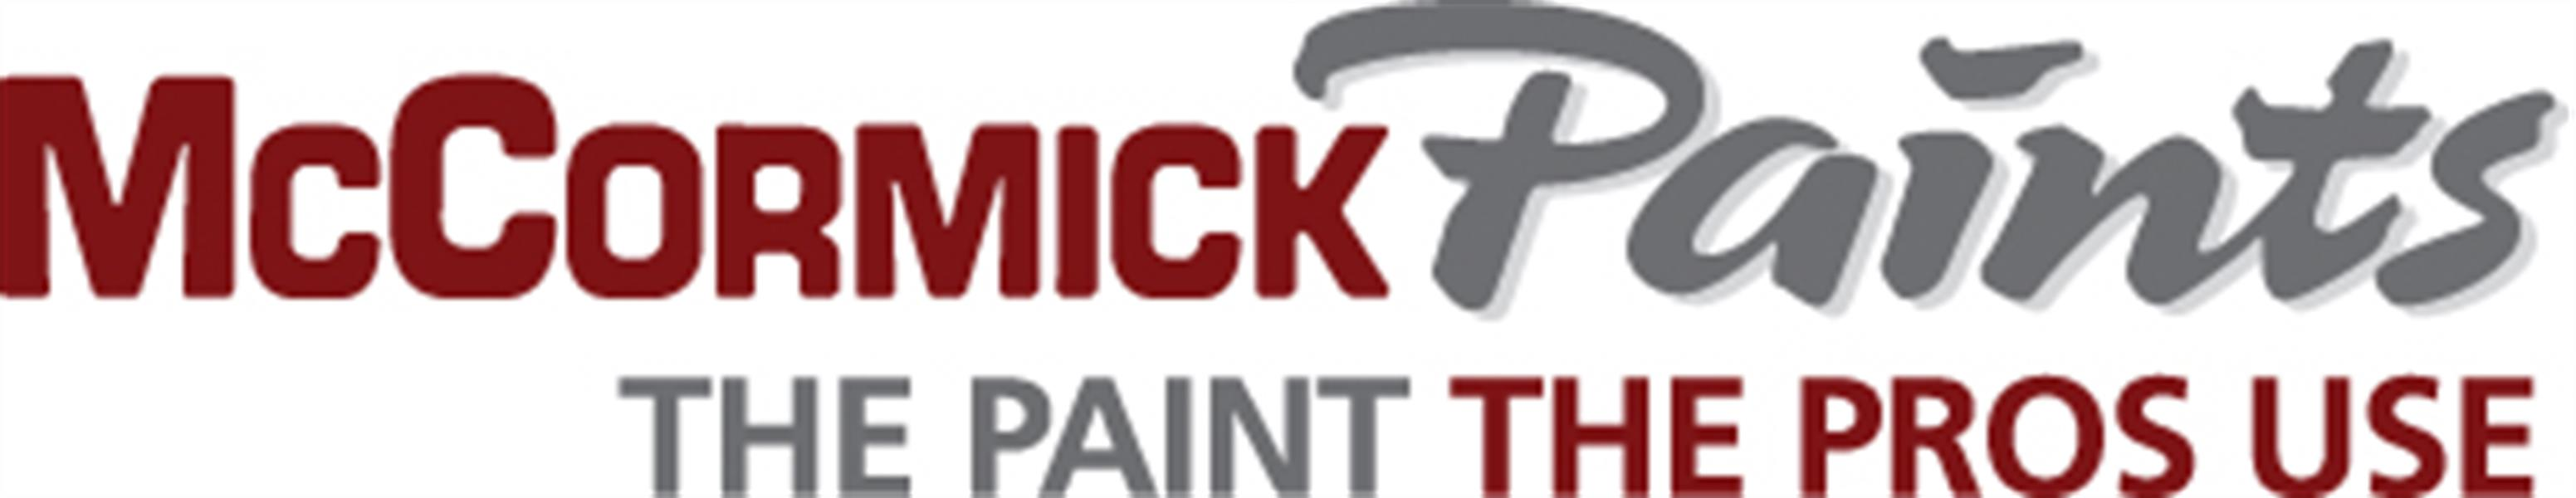 McCormick Paints